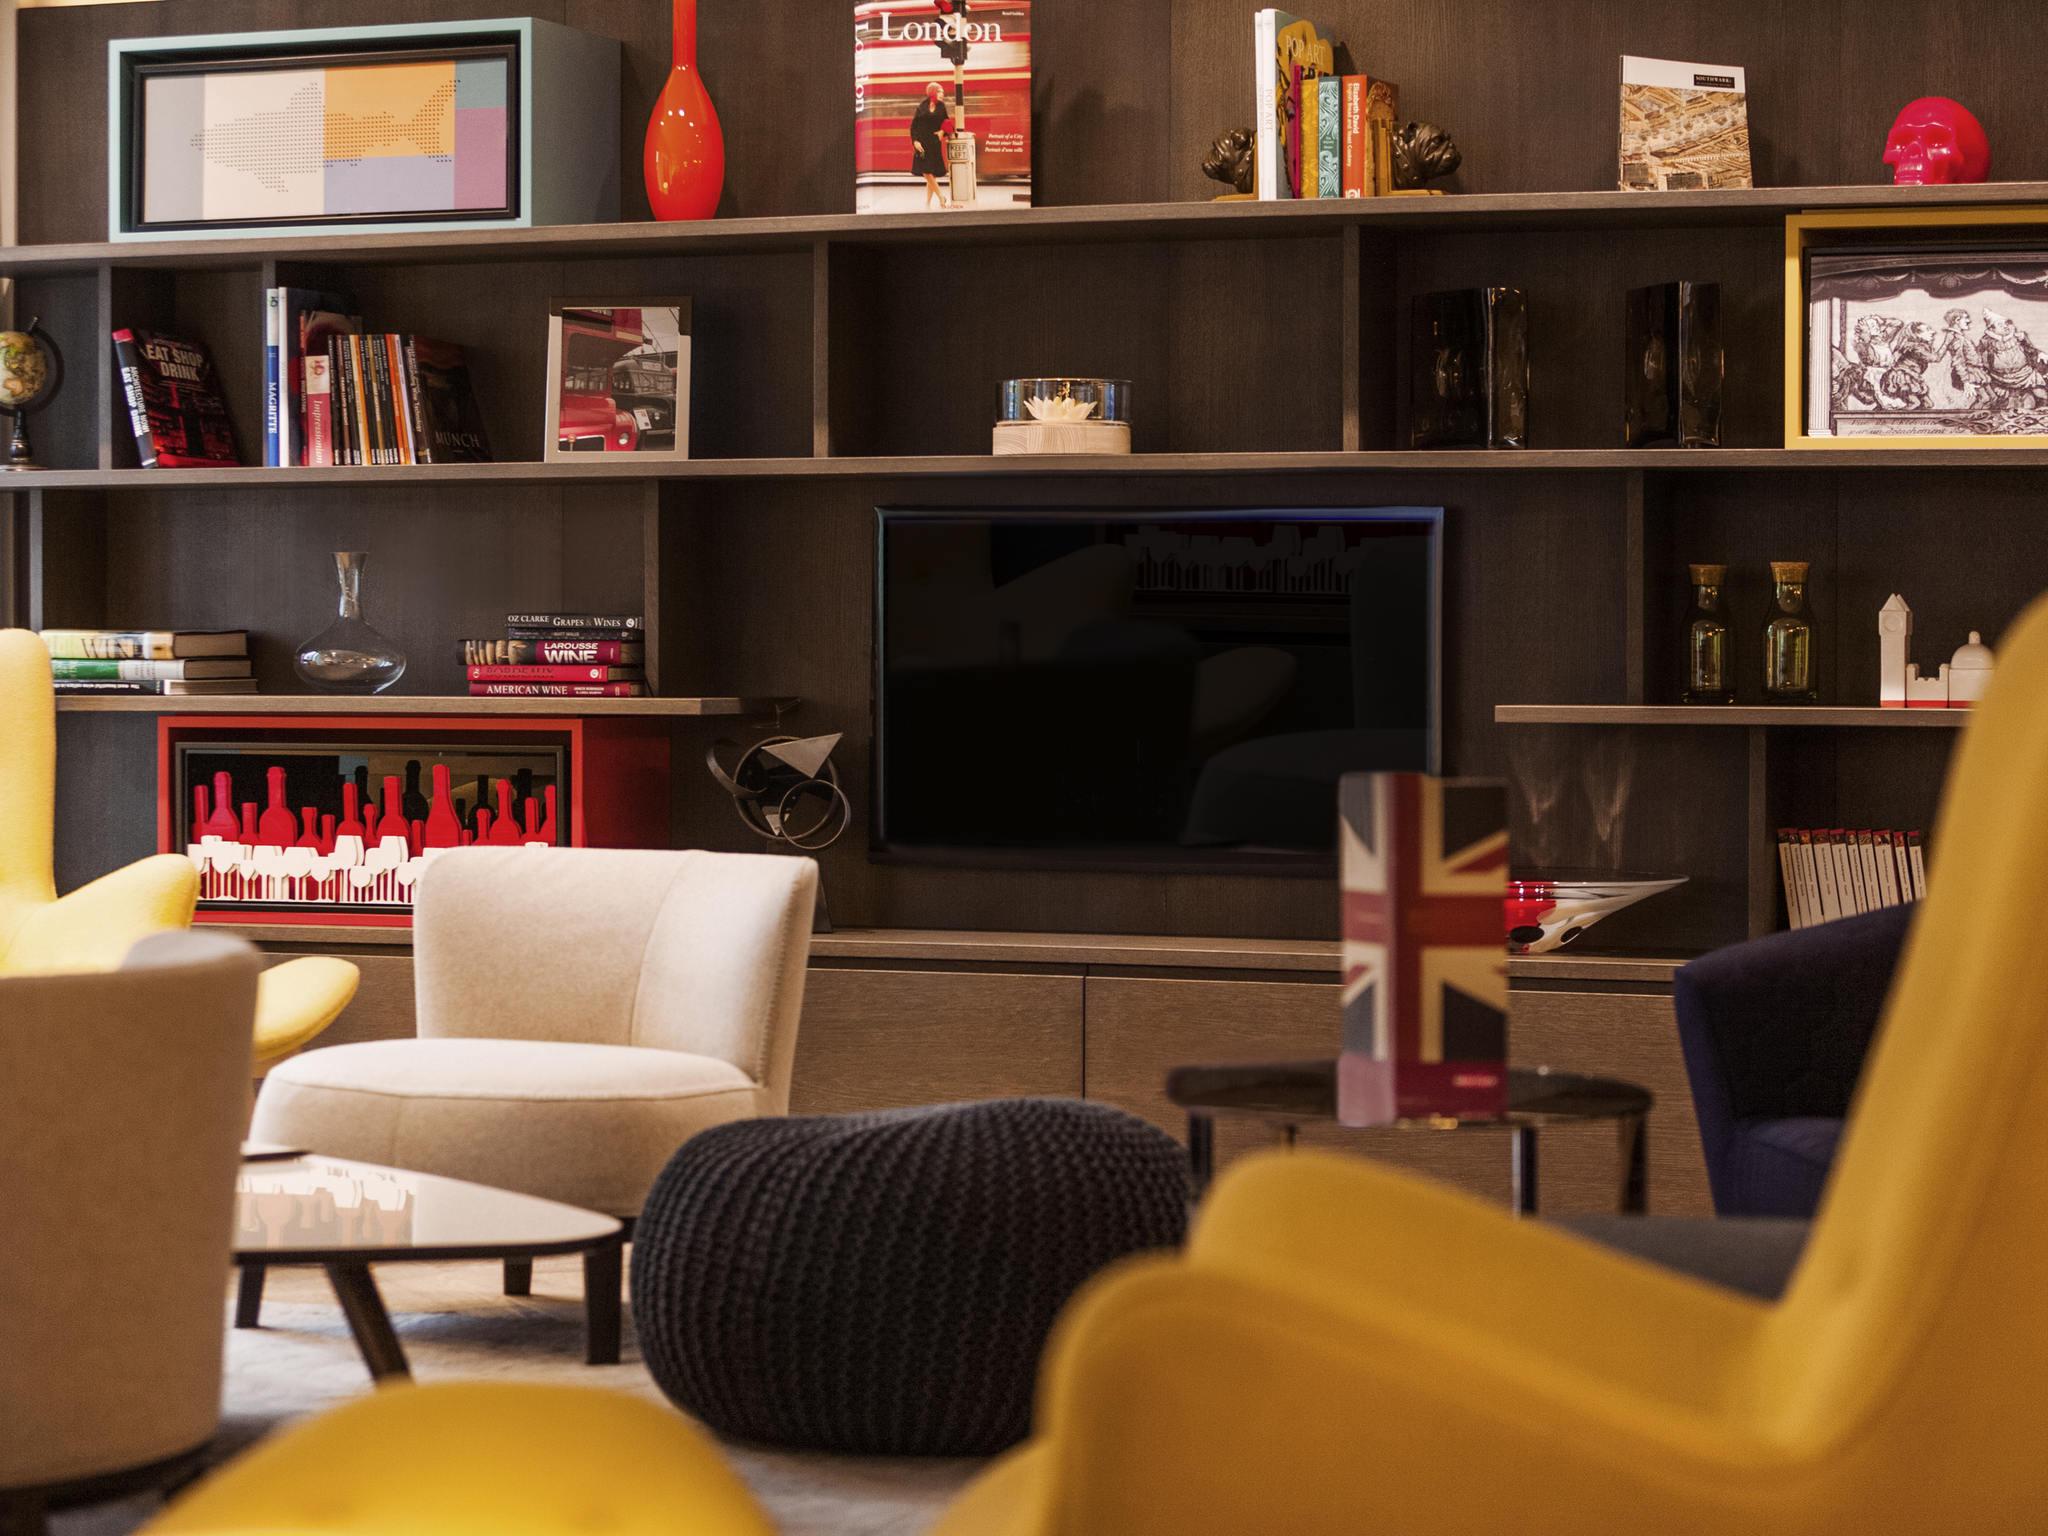 โรงแรม – เมอร์เคียว ลอนดอน บริดจ์